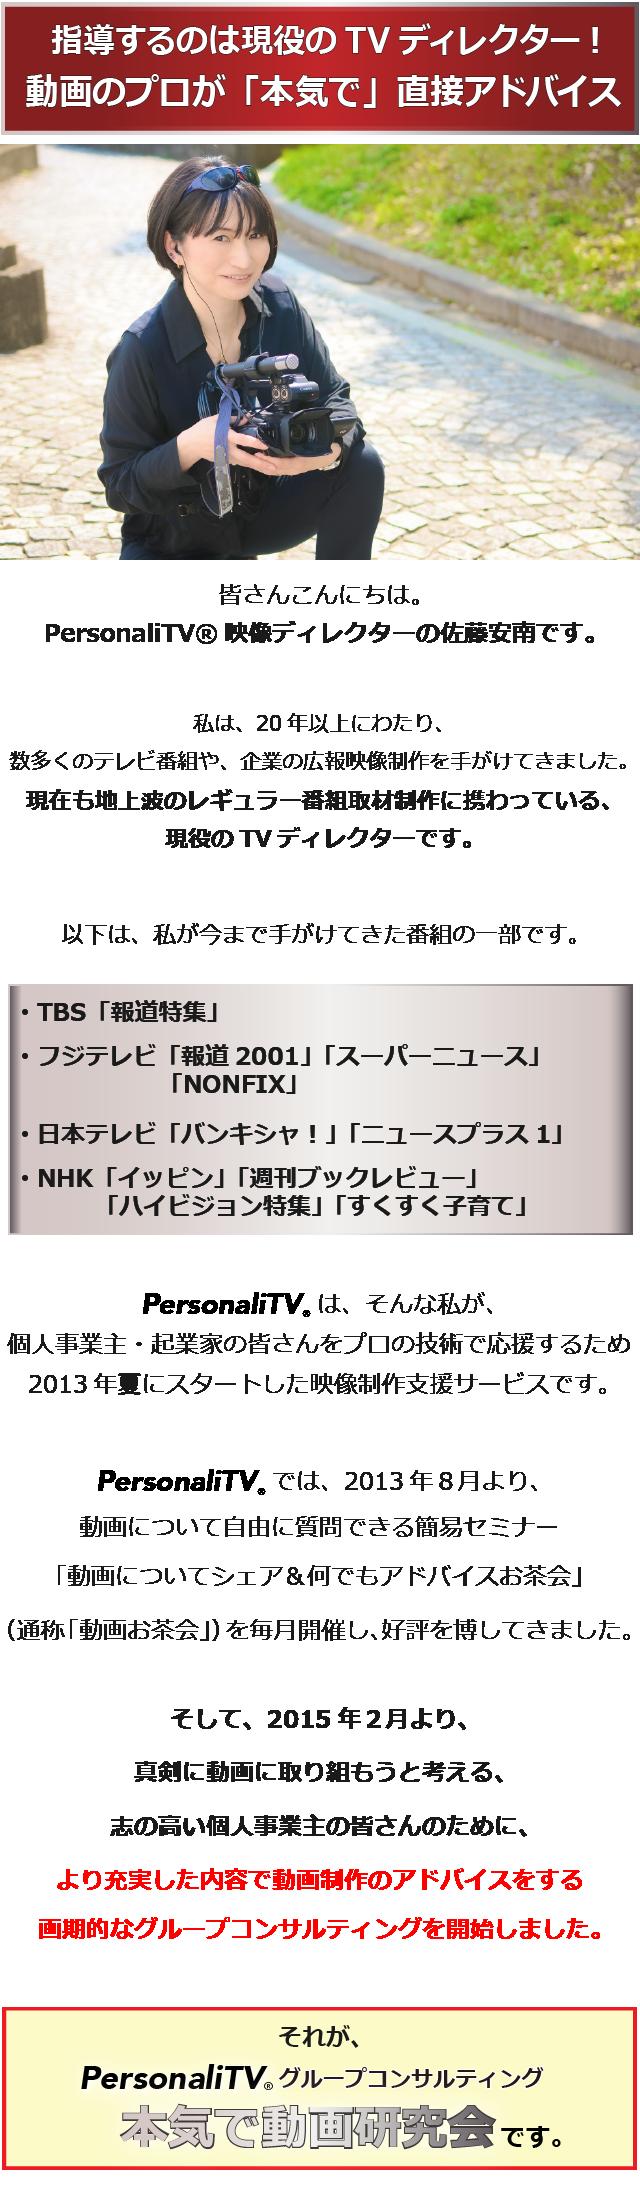 動画研究会チラシHP用_4